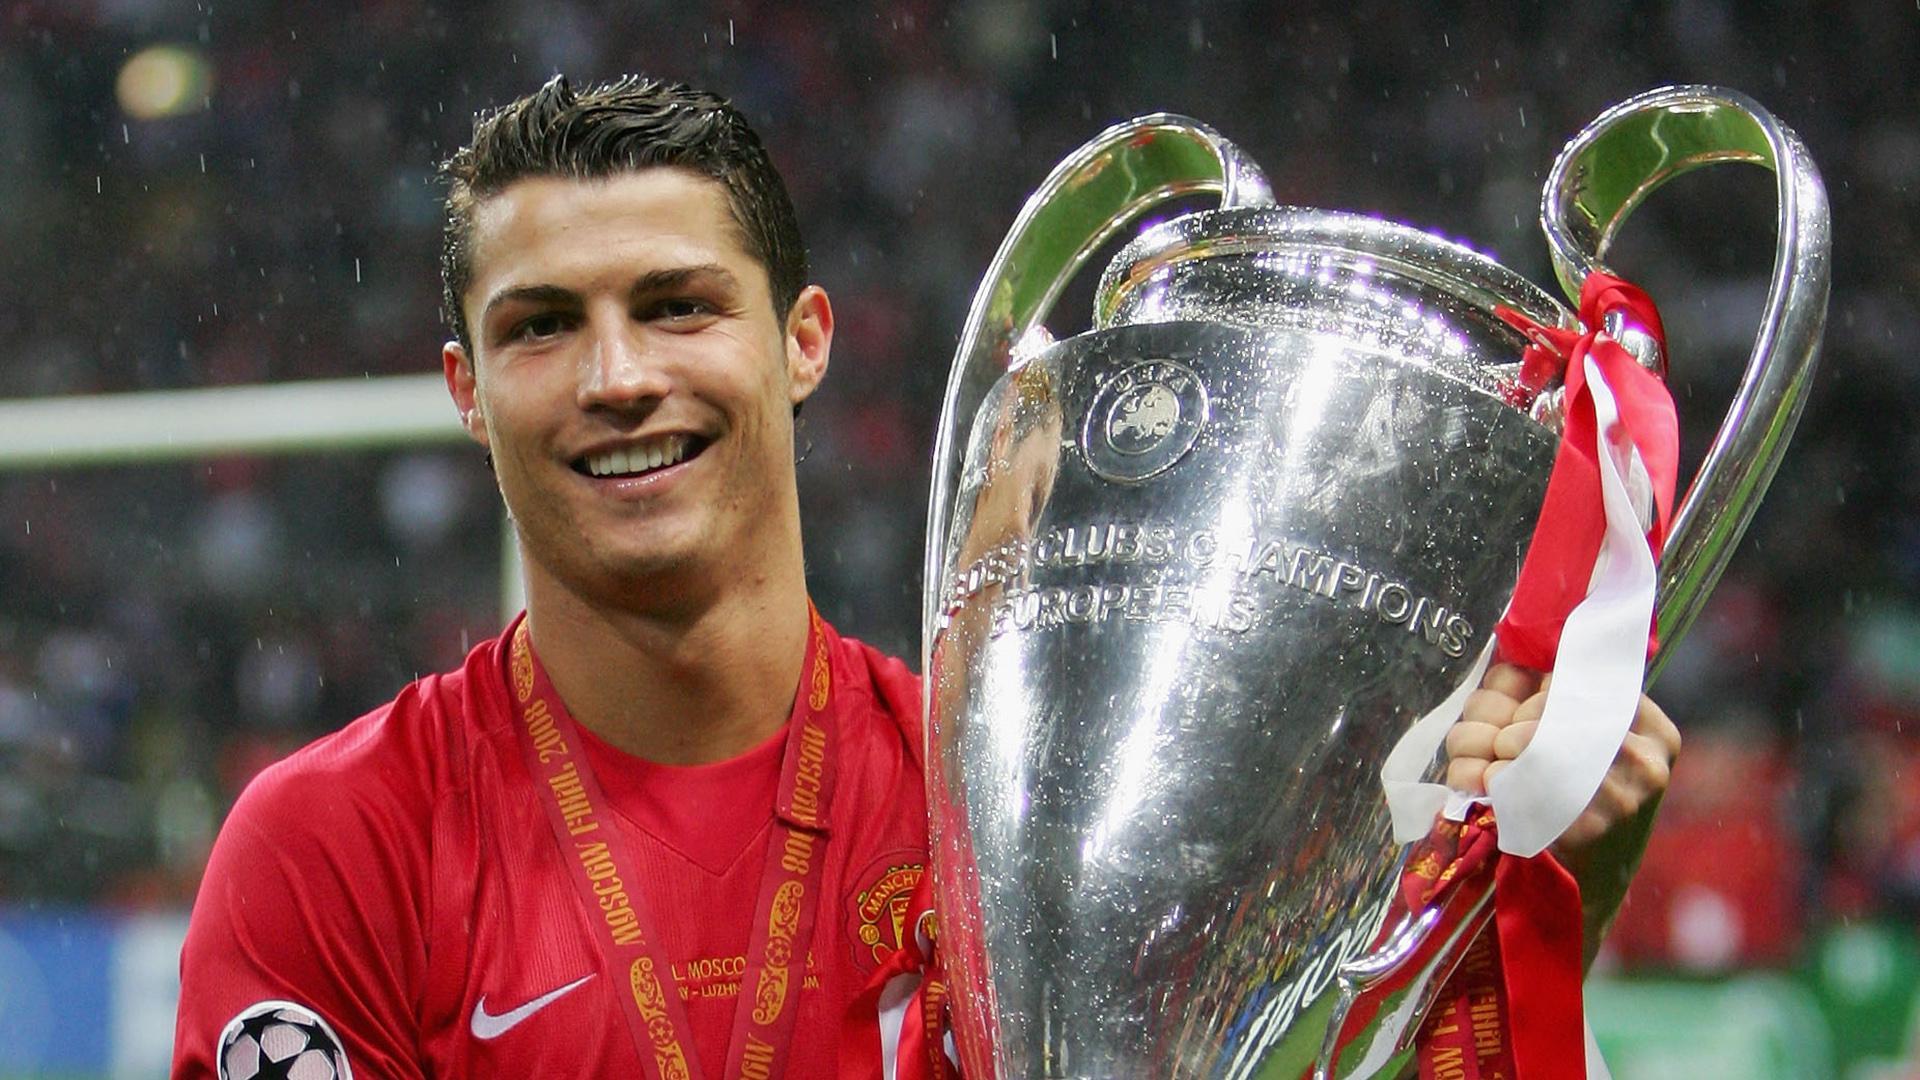 Siêu sao Ronaldo trở lại MU: Để vĩ đại nhất ở Old Trafford hay chỉ dưỡng già? - 15